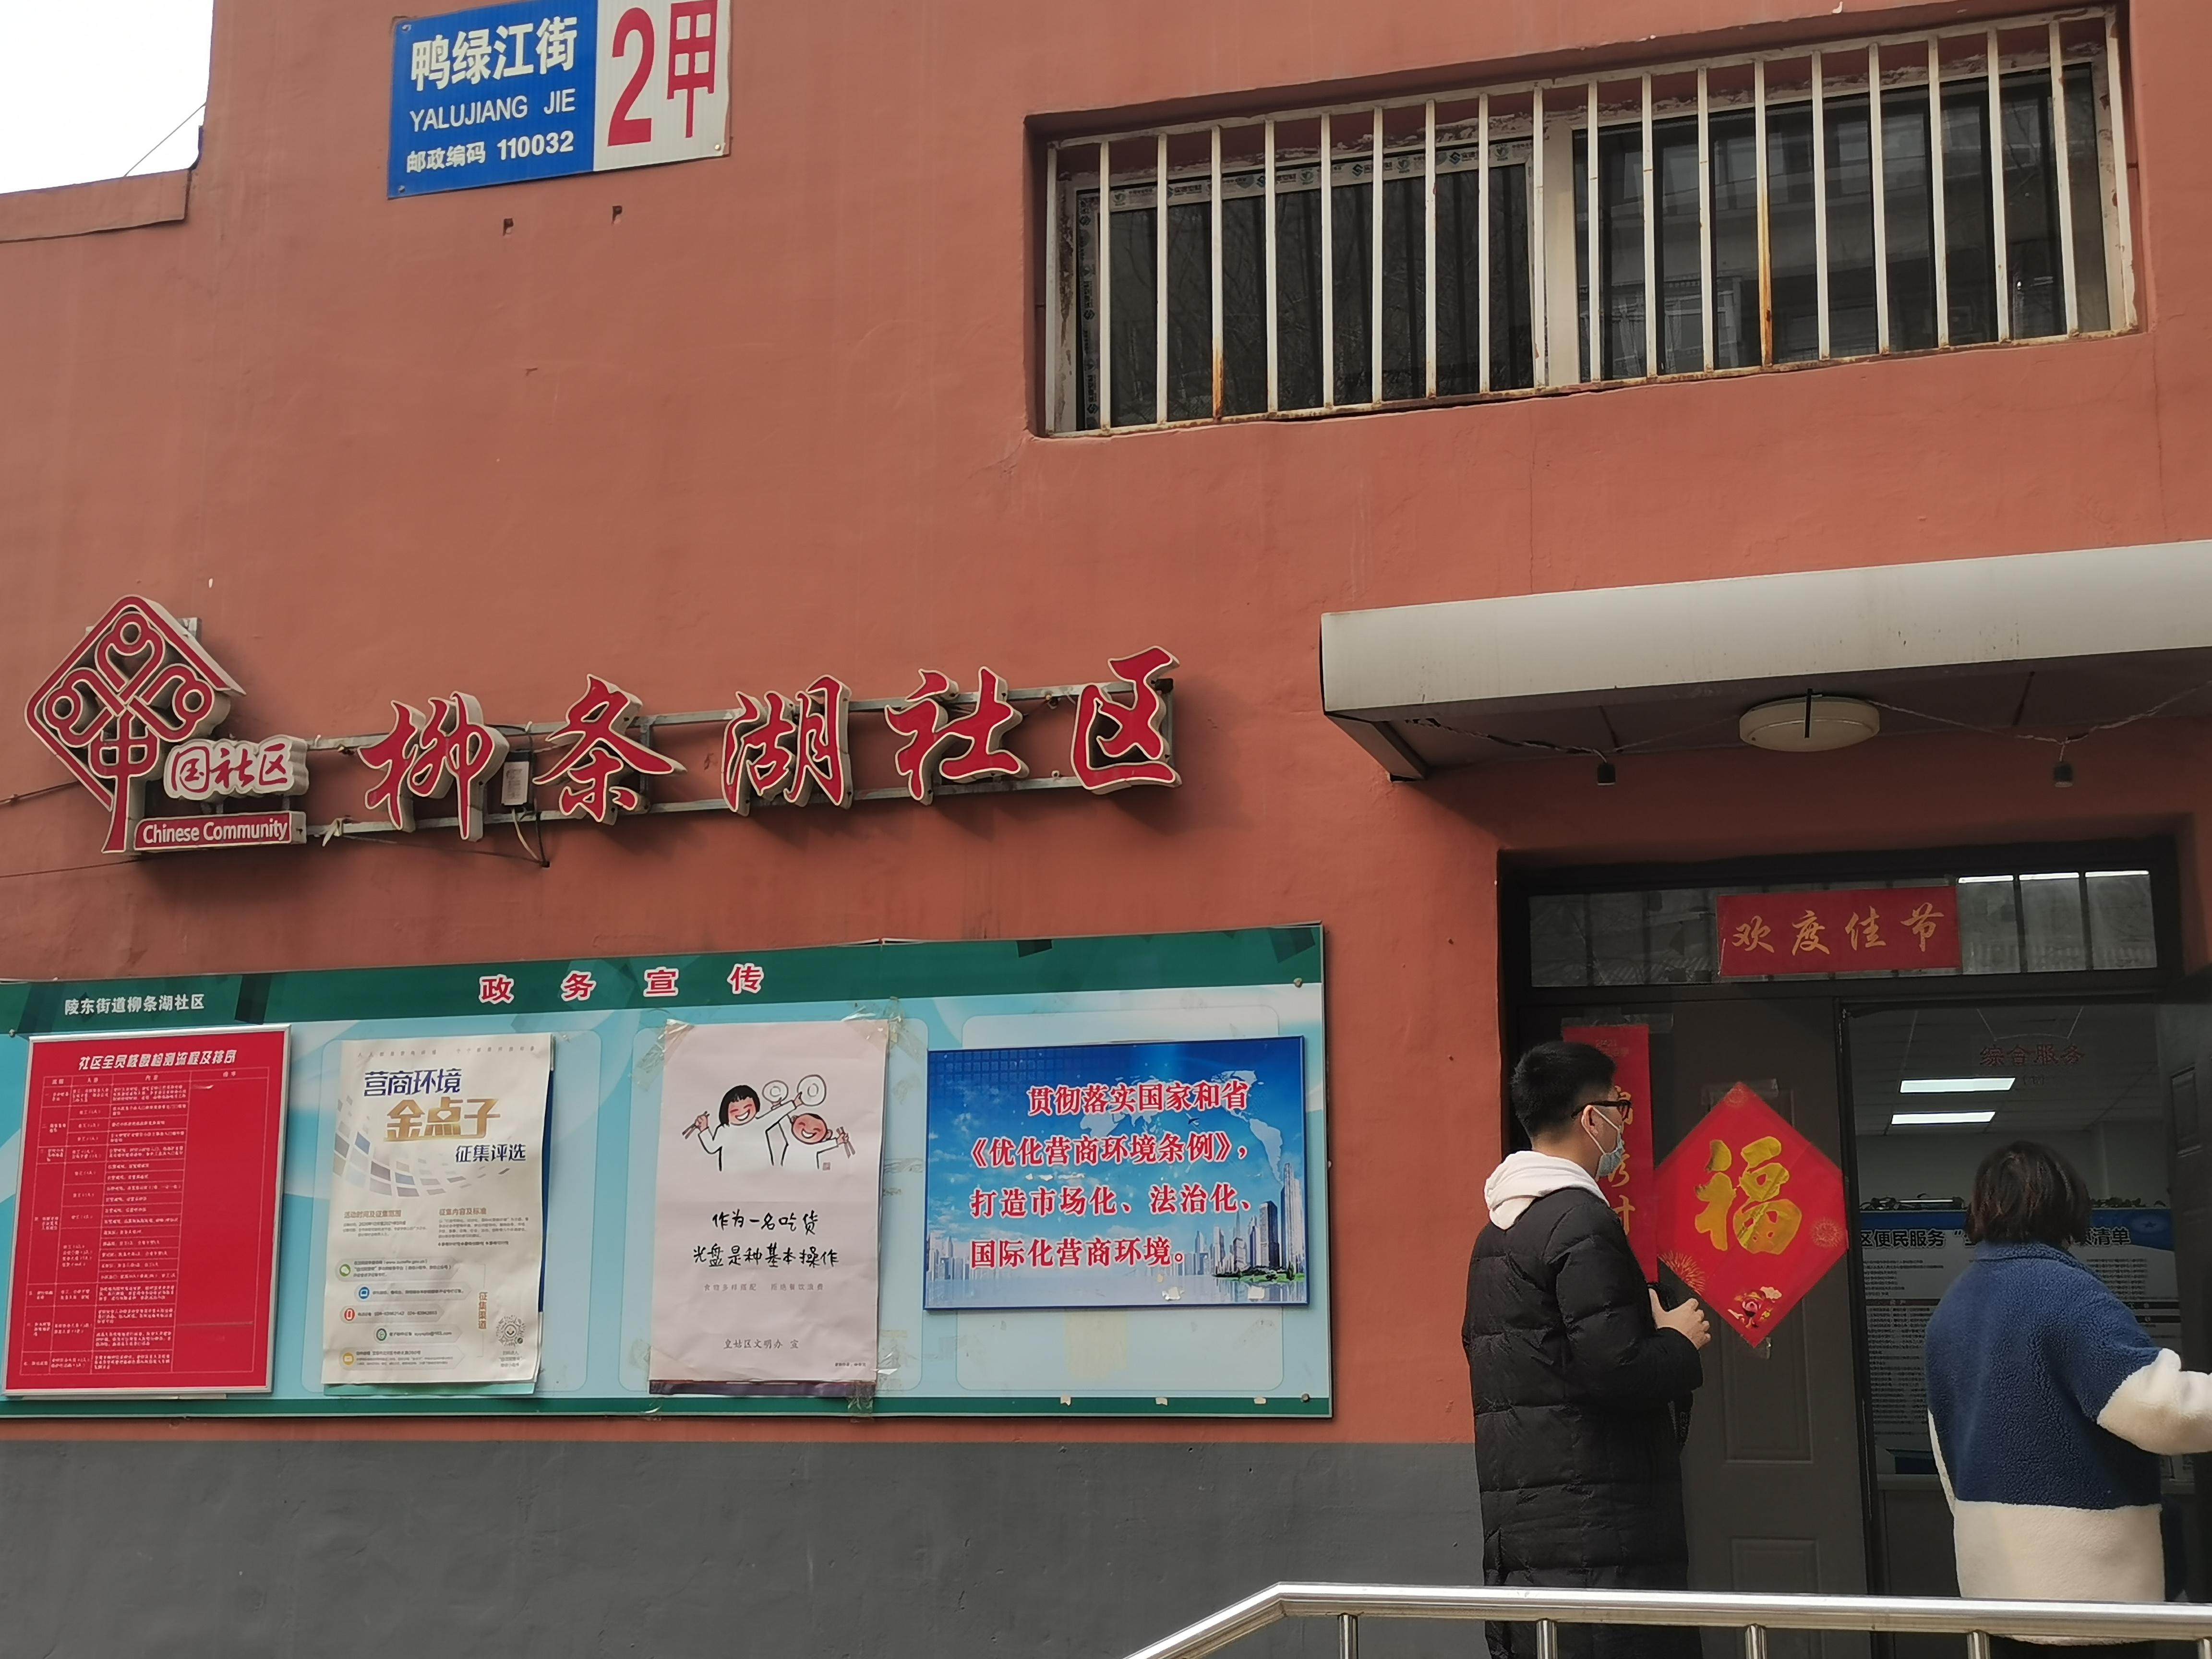 沈阳市皇姑区陵东街道柳条湖社区党委   实现老旧小区的共治共管共享